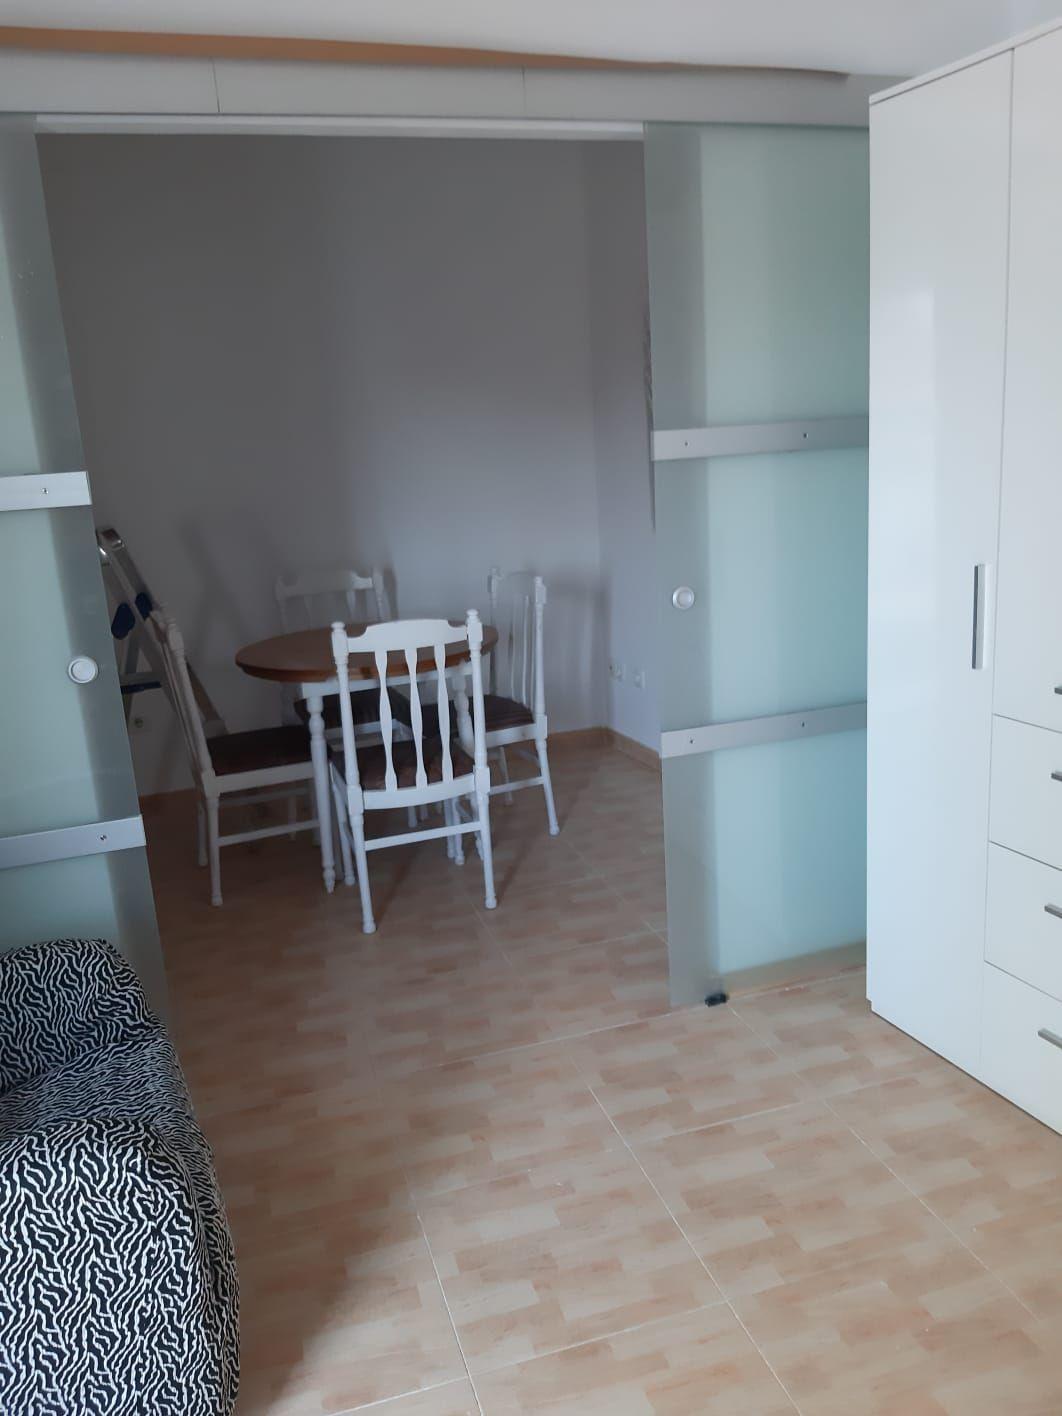 Piso en alquiler en Tomelloso, Ciudad Real, Calle Ángel Izquierdo, 150 €, 2 habitaciones, 1 baño, 67 m2